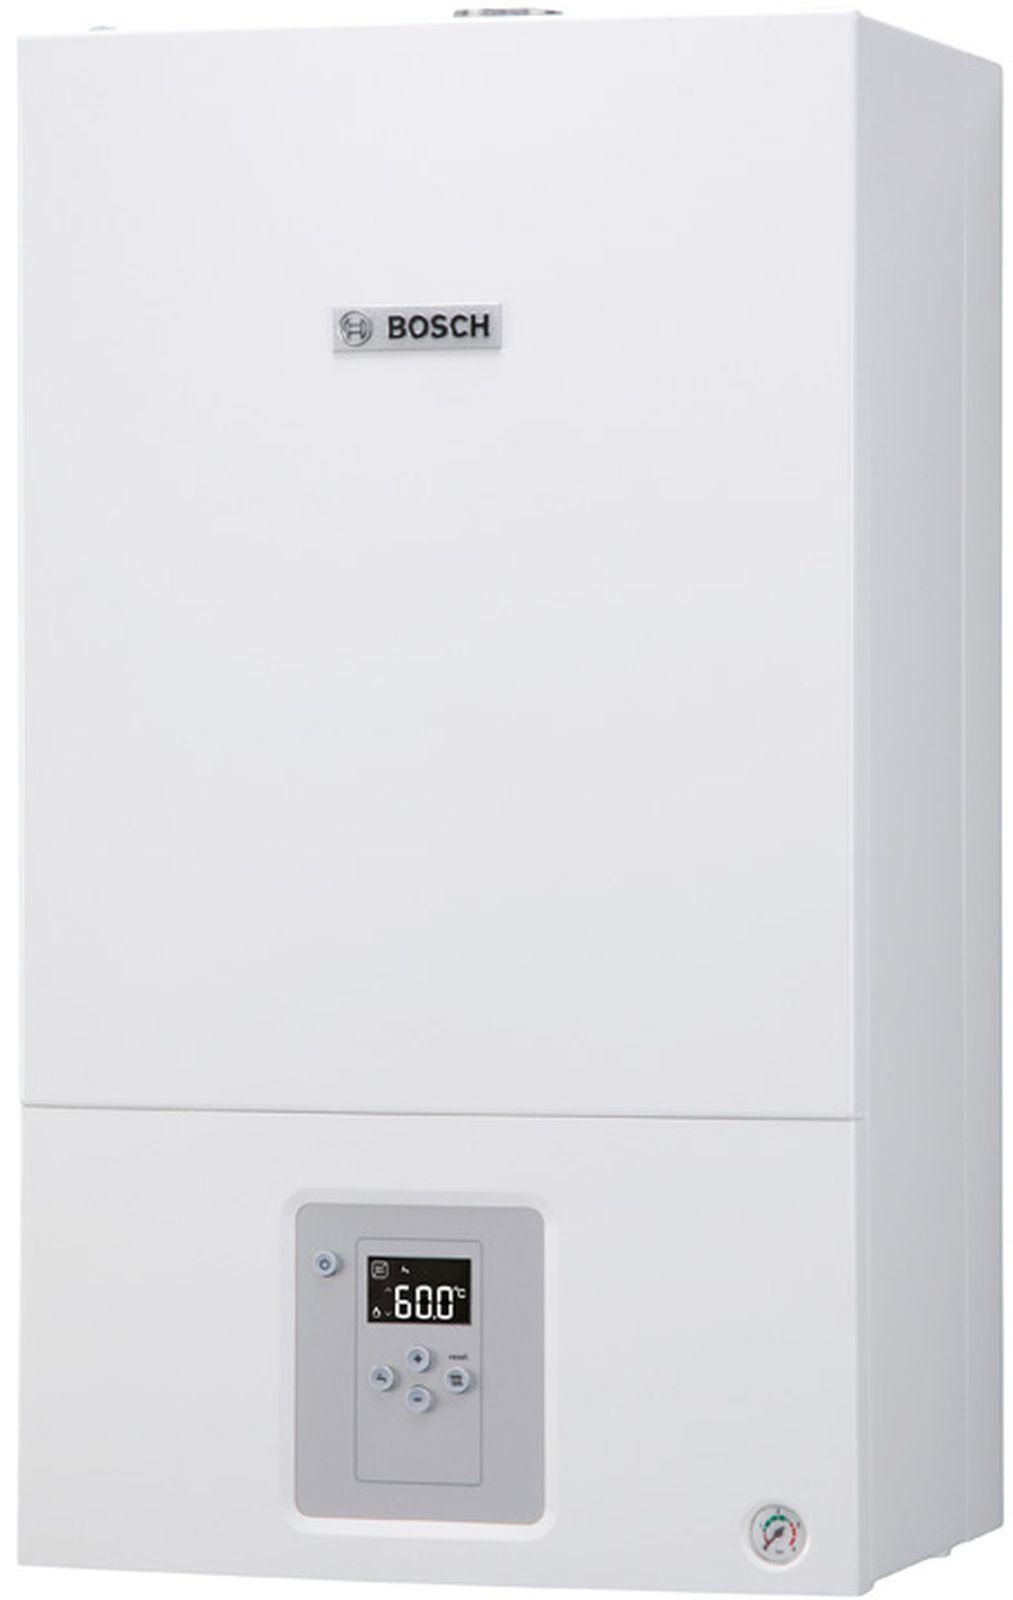 цена на Котел газовый настенный Bosch WBN6000-35C, белый